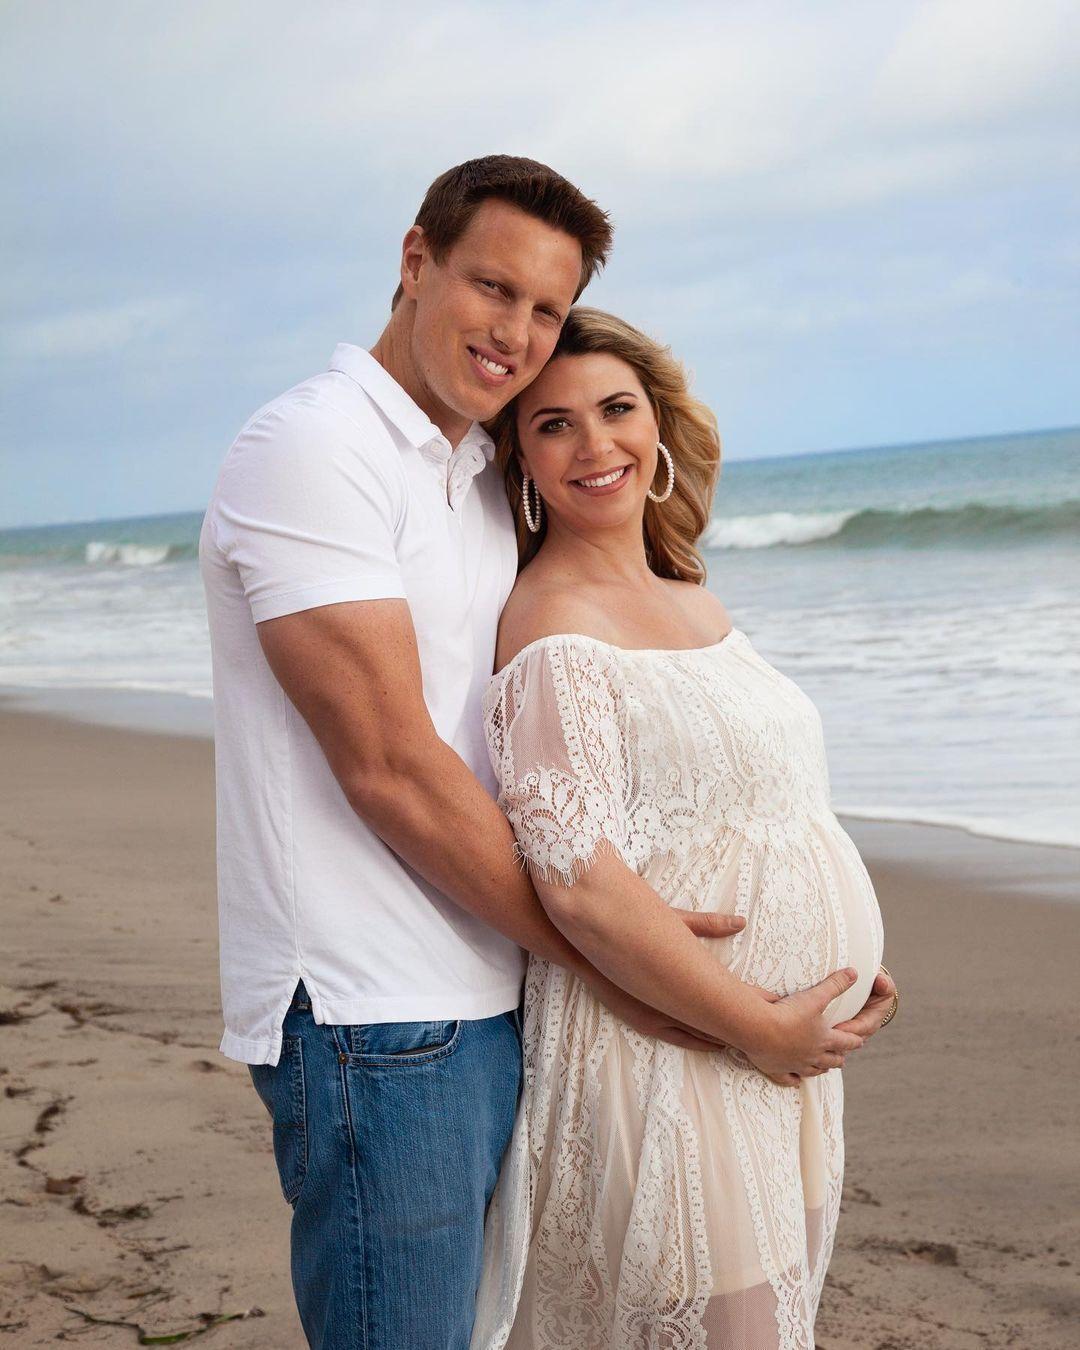 38-летний Дэвид Эллисон работает кинопродюсером и готовится впервые стать отцом